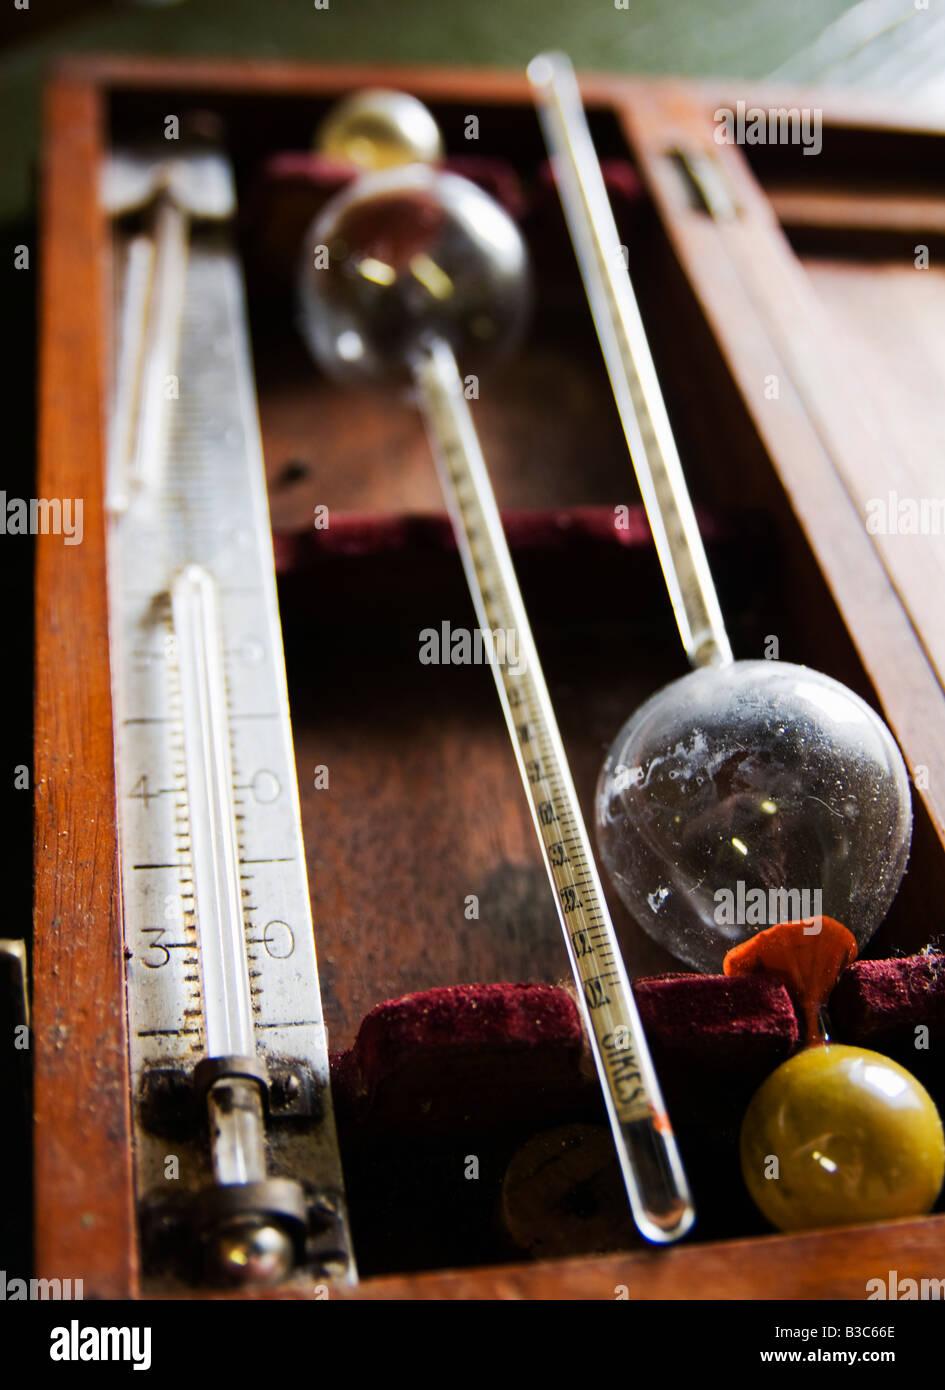 whisky measuring making kit - Stock Image